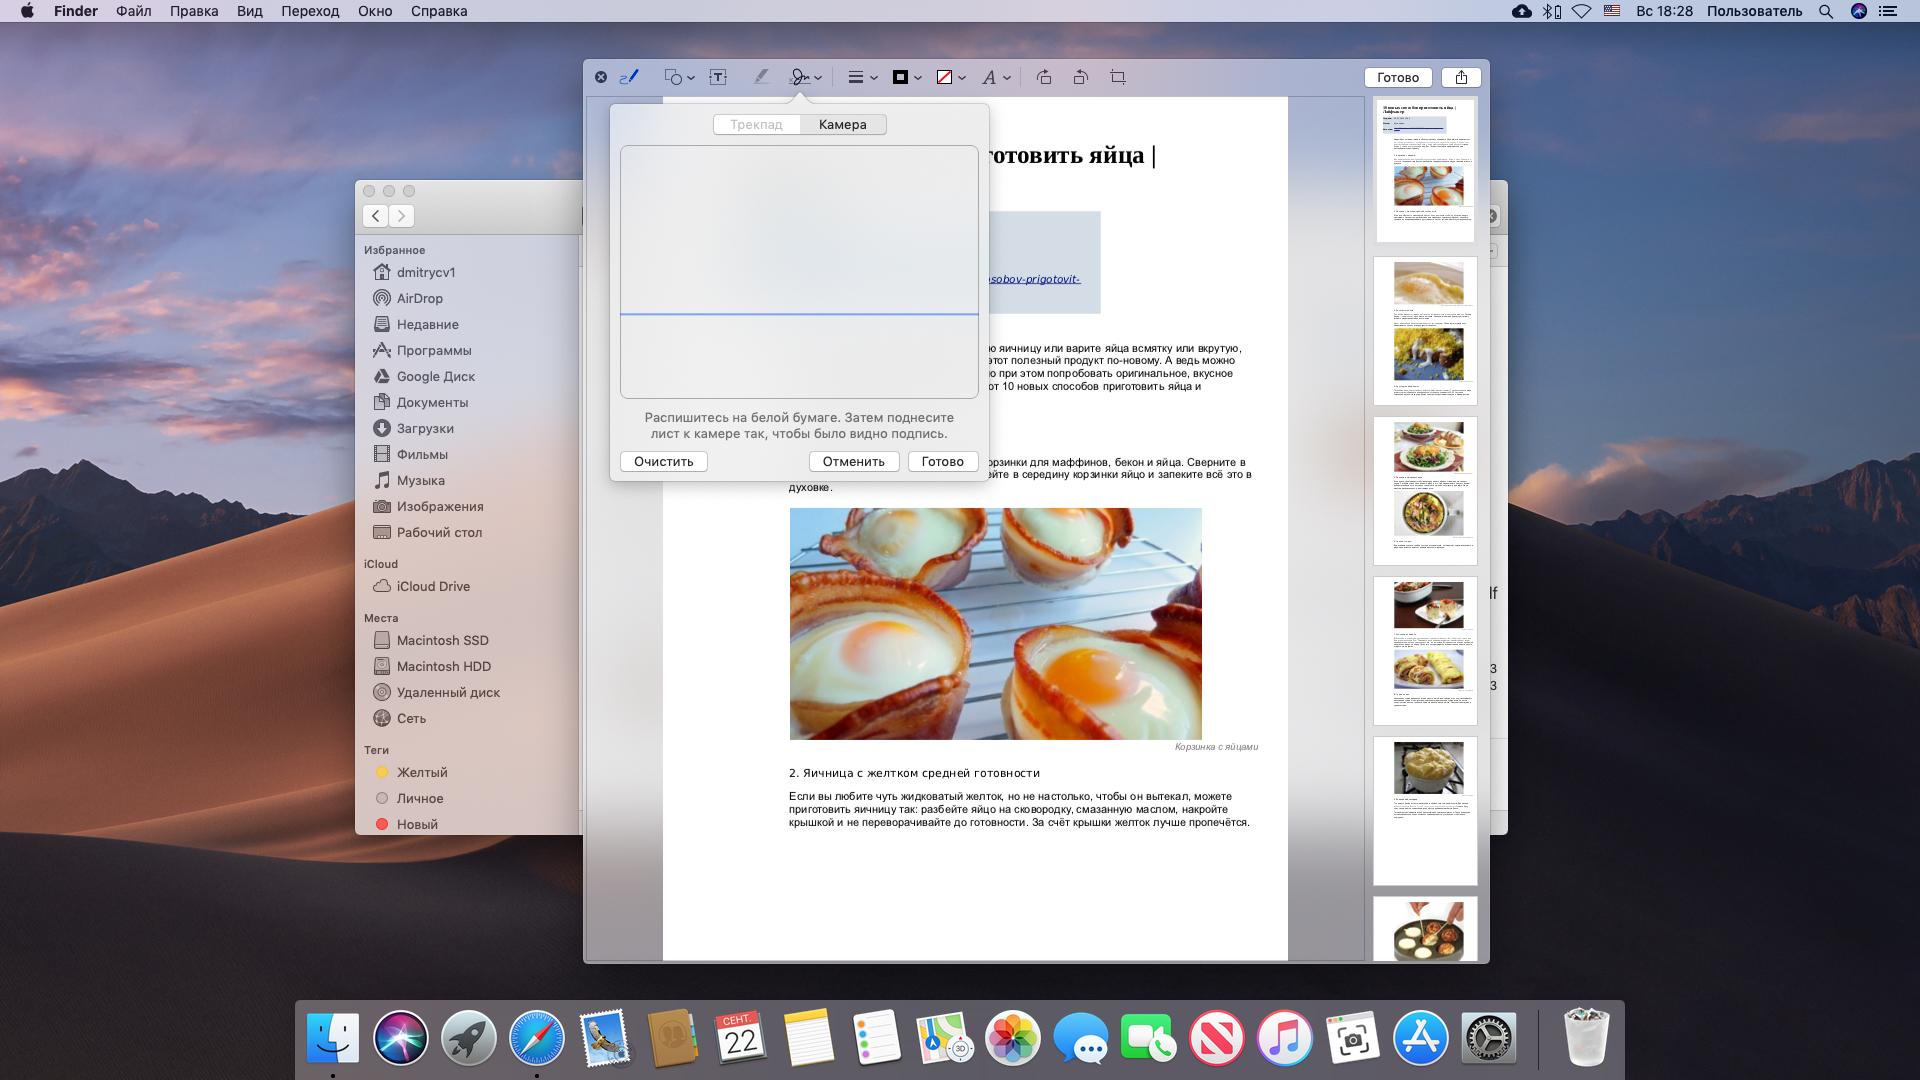 Создание пометок в файлах в macOS